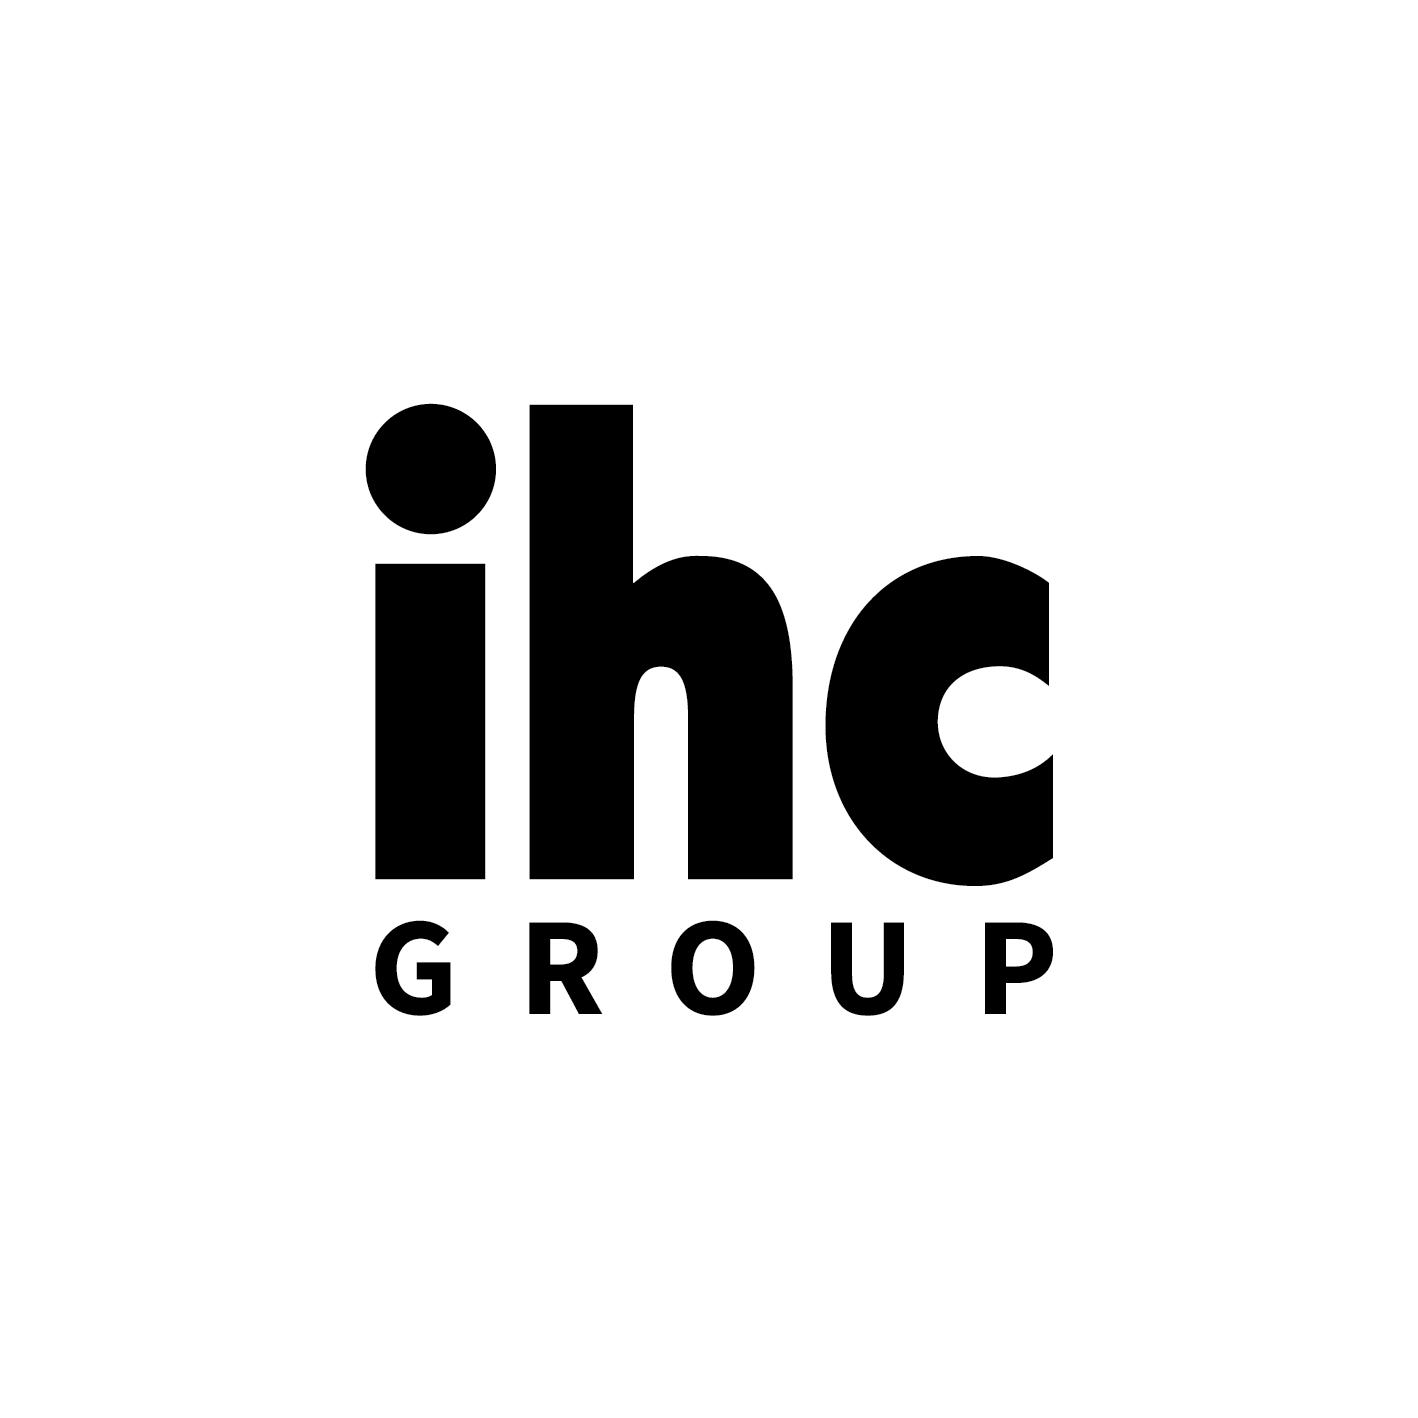 IHC Group logo